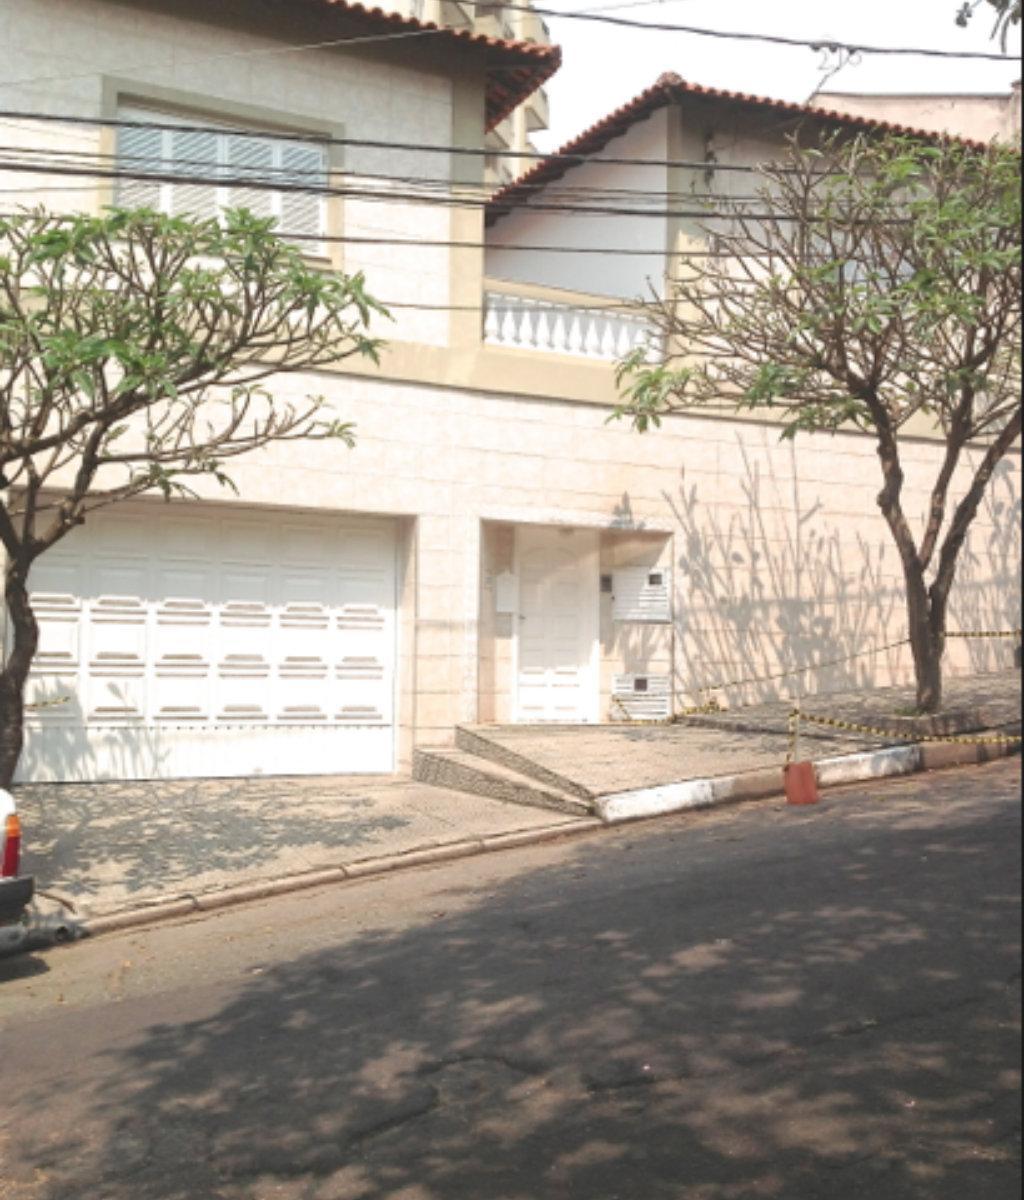 Casa para aluguel com 3 Quartos Saúde São Paulo R$ 4.500 230 m2  #866745 1024 1200